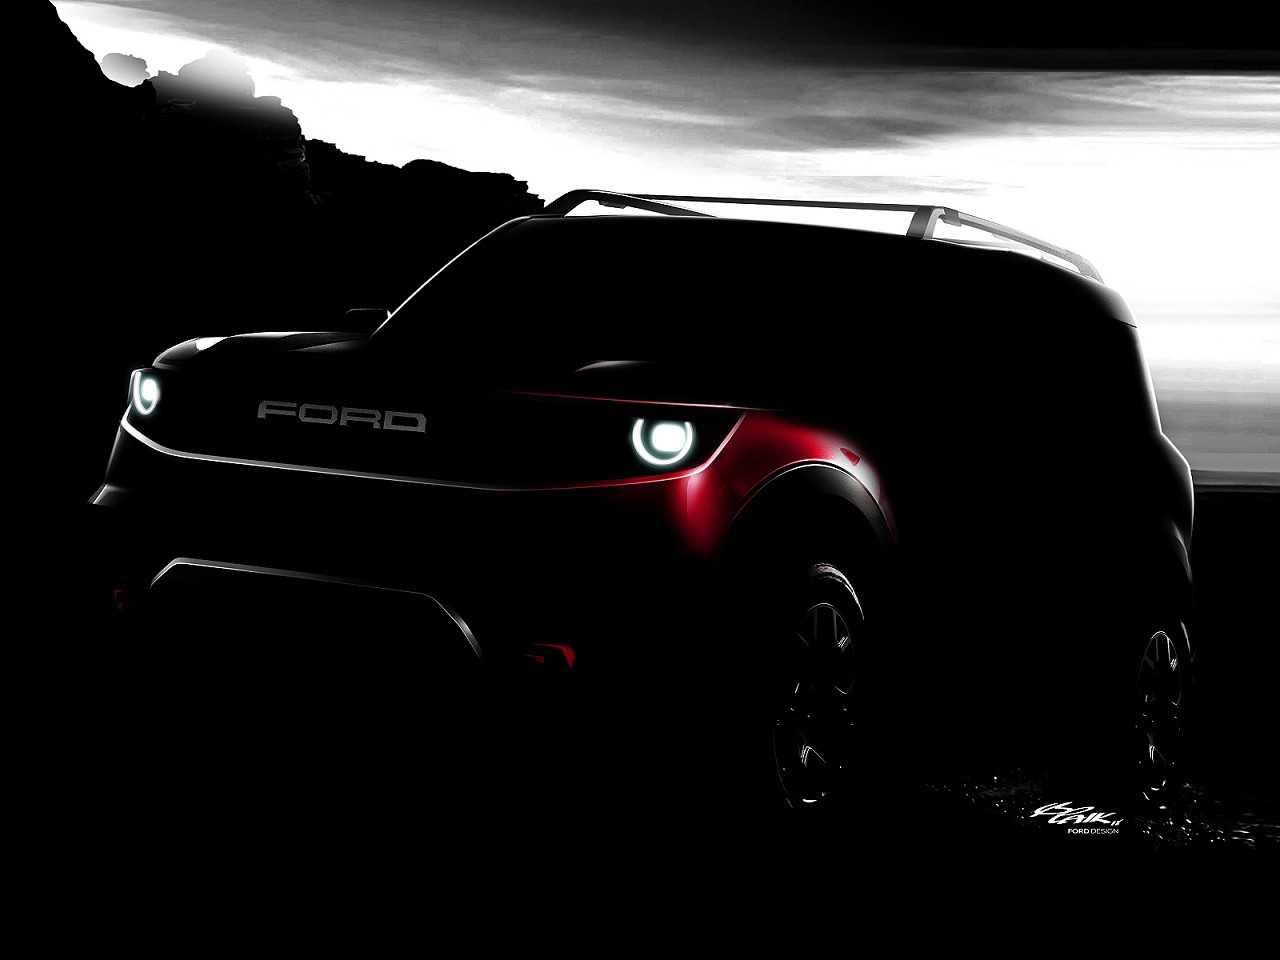 Acima uma esquete divulgada pela Ford que muito provavelmente antecipa a nova geração do Bronco nos EUA